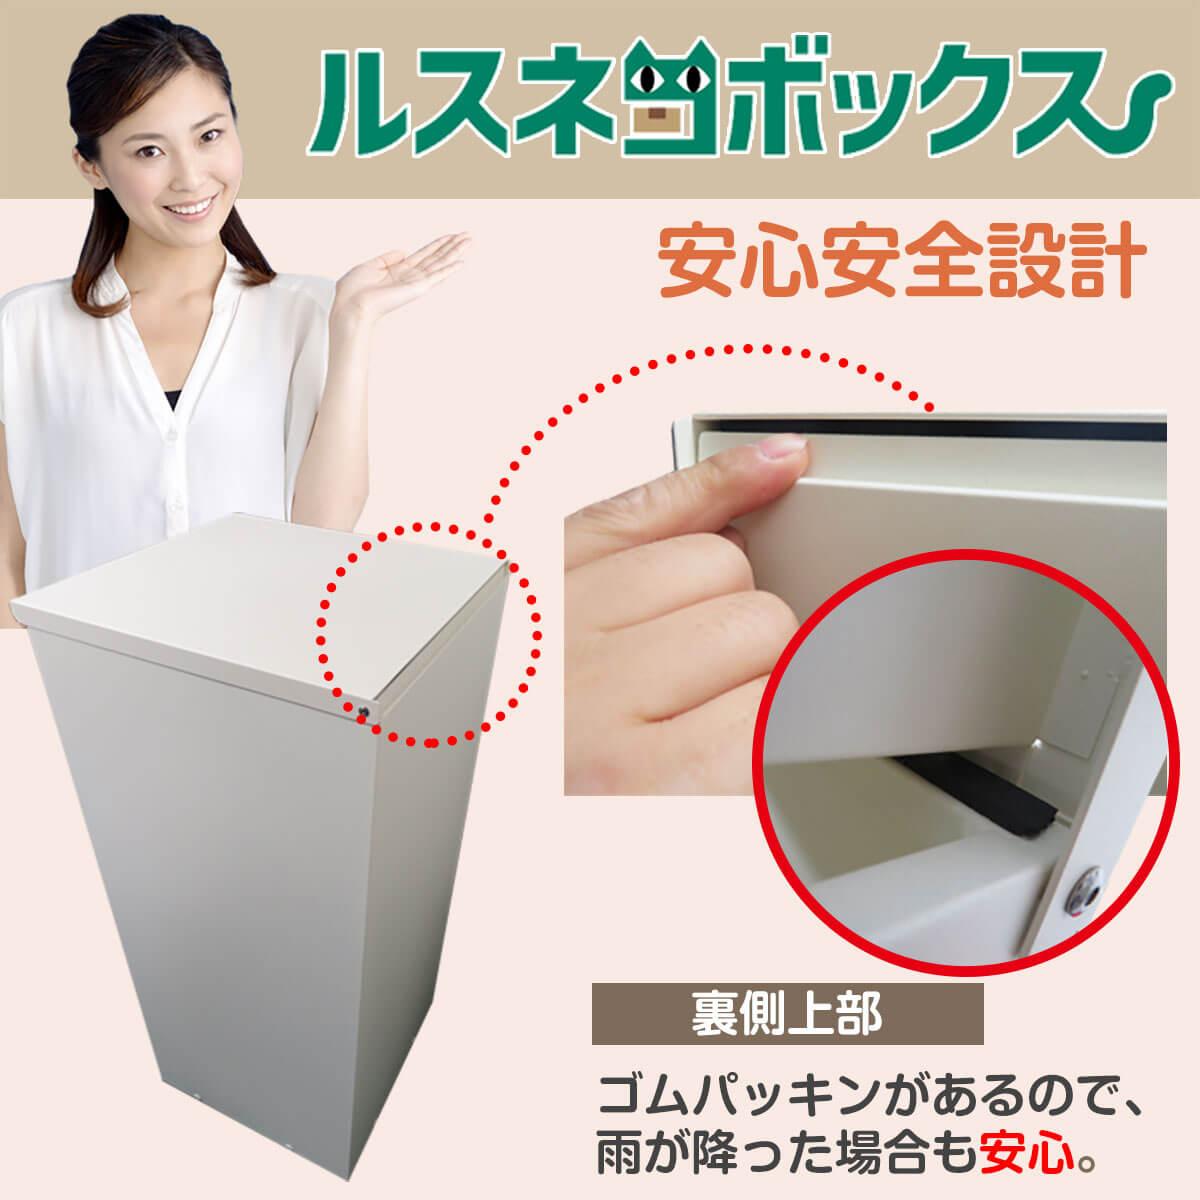 ルスネコボックス®の安全性1